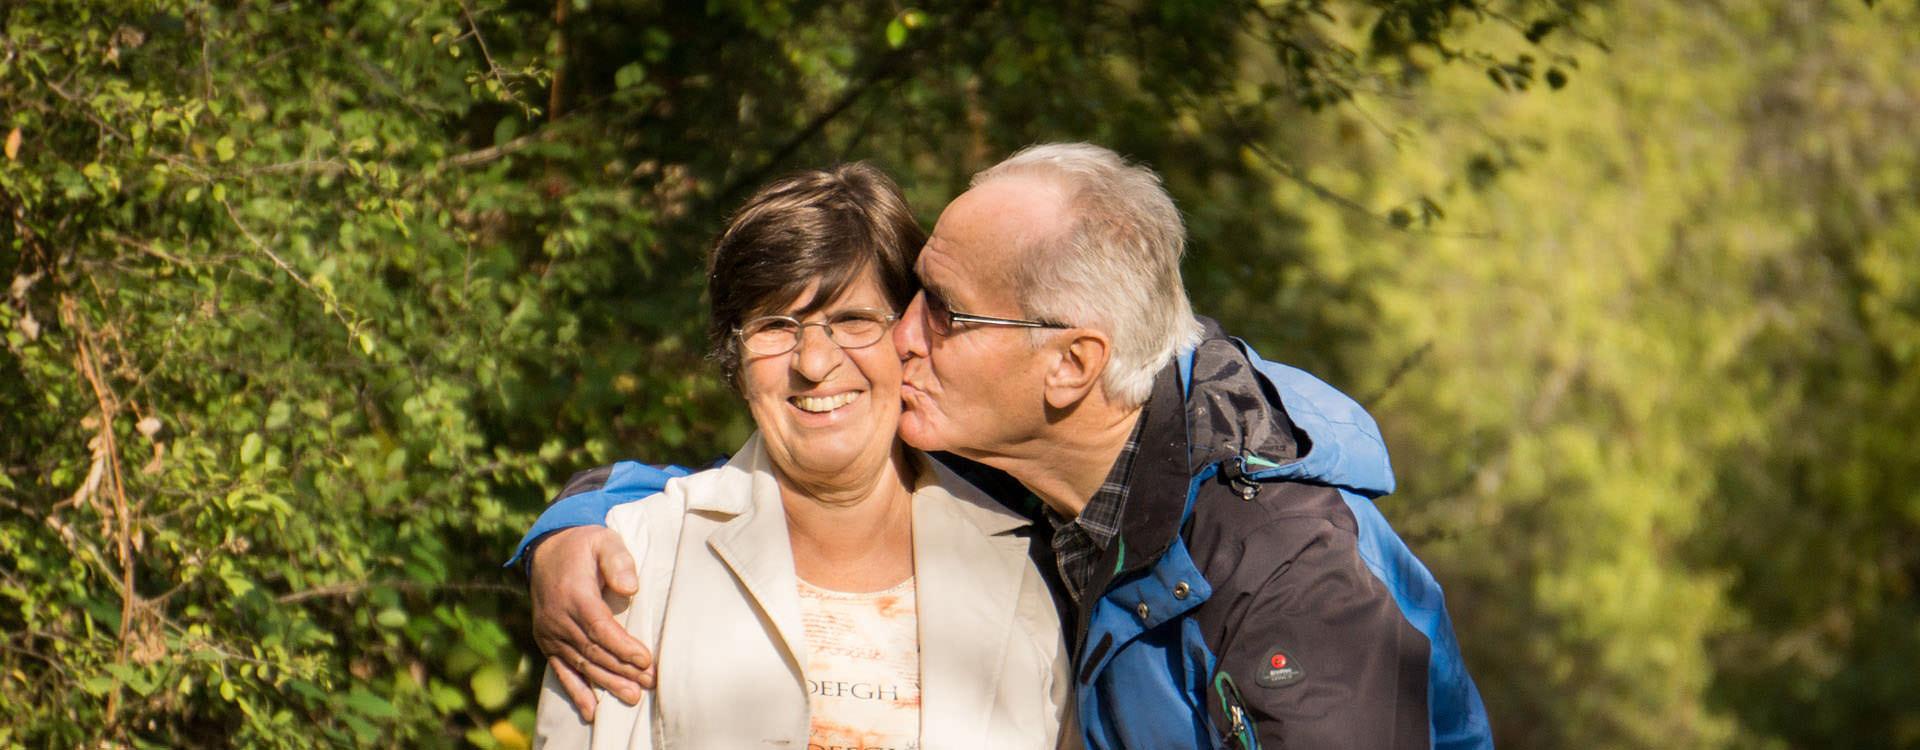 Farmacia Sabater Arucas - Nuestros mayores siempre con nosotros